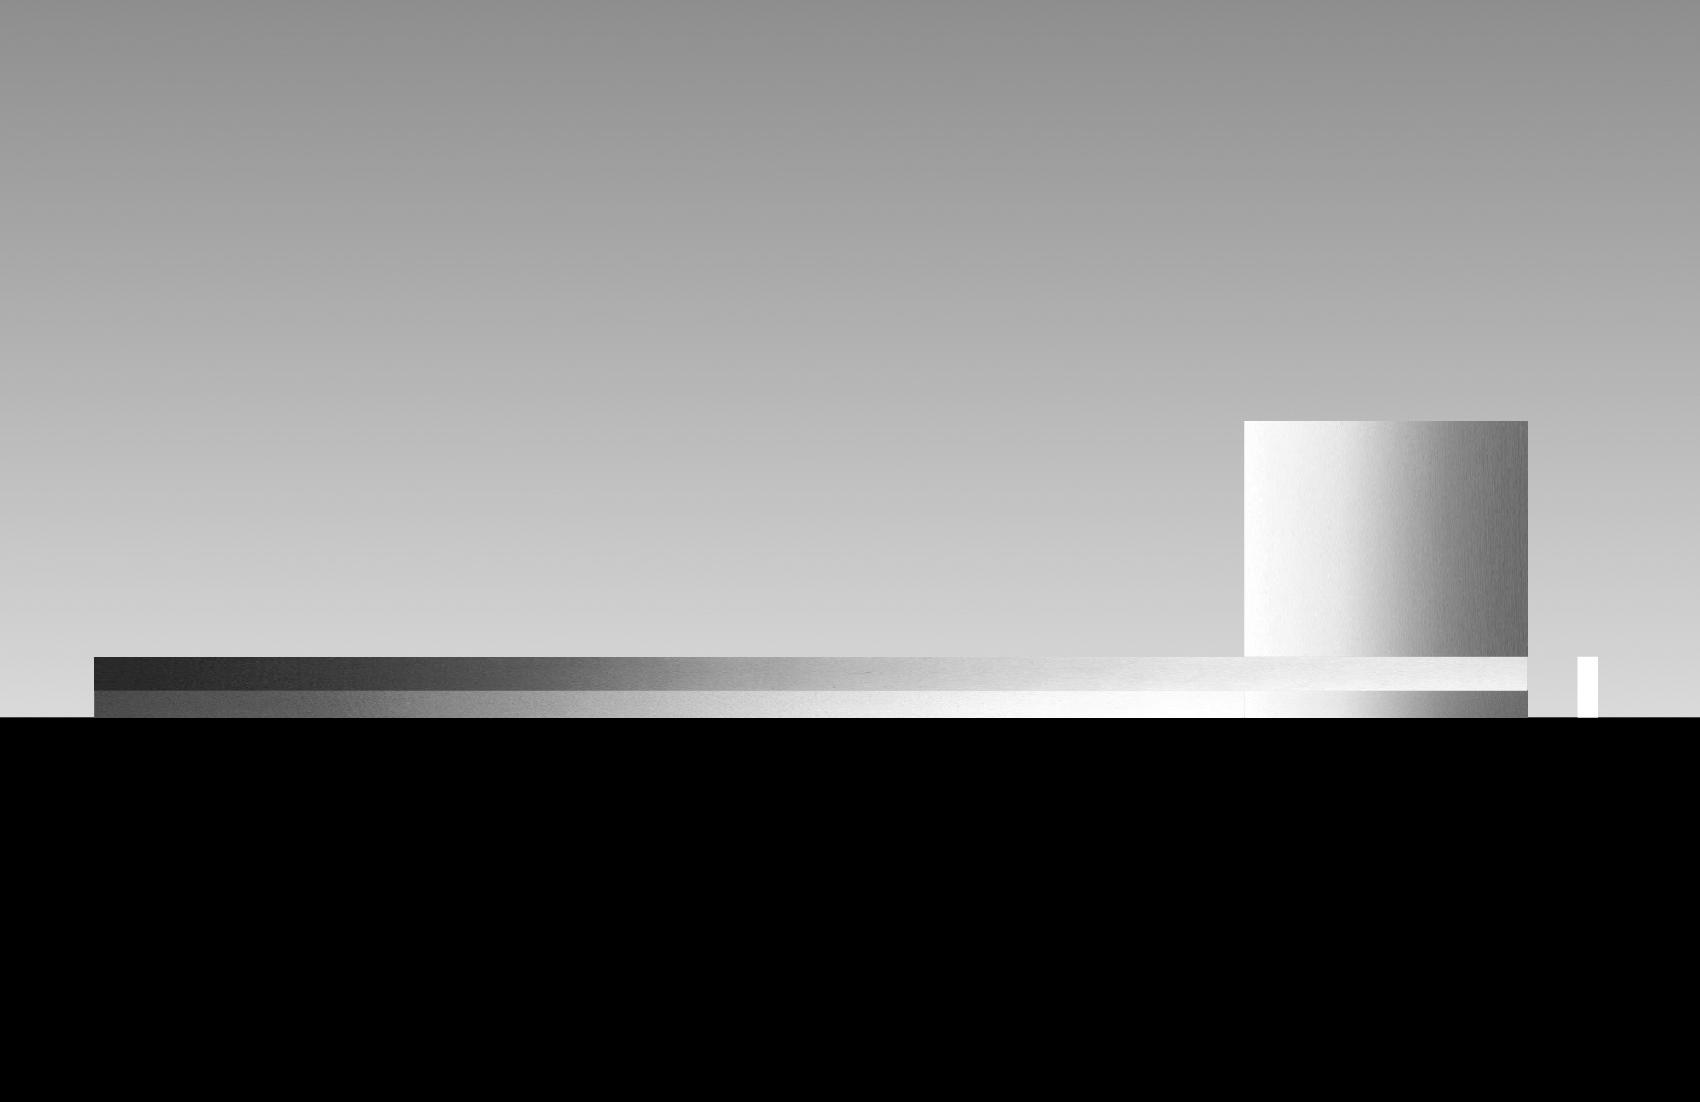 sugimoto-facade2.jpg